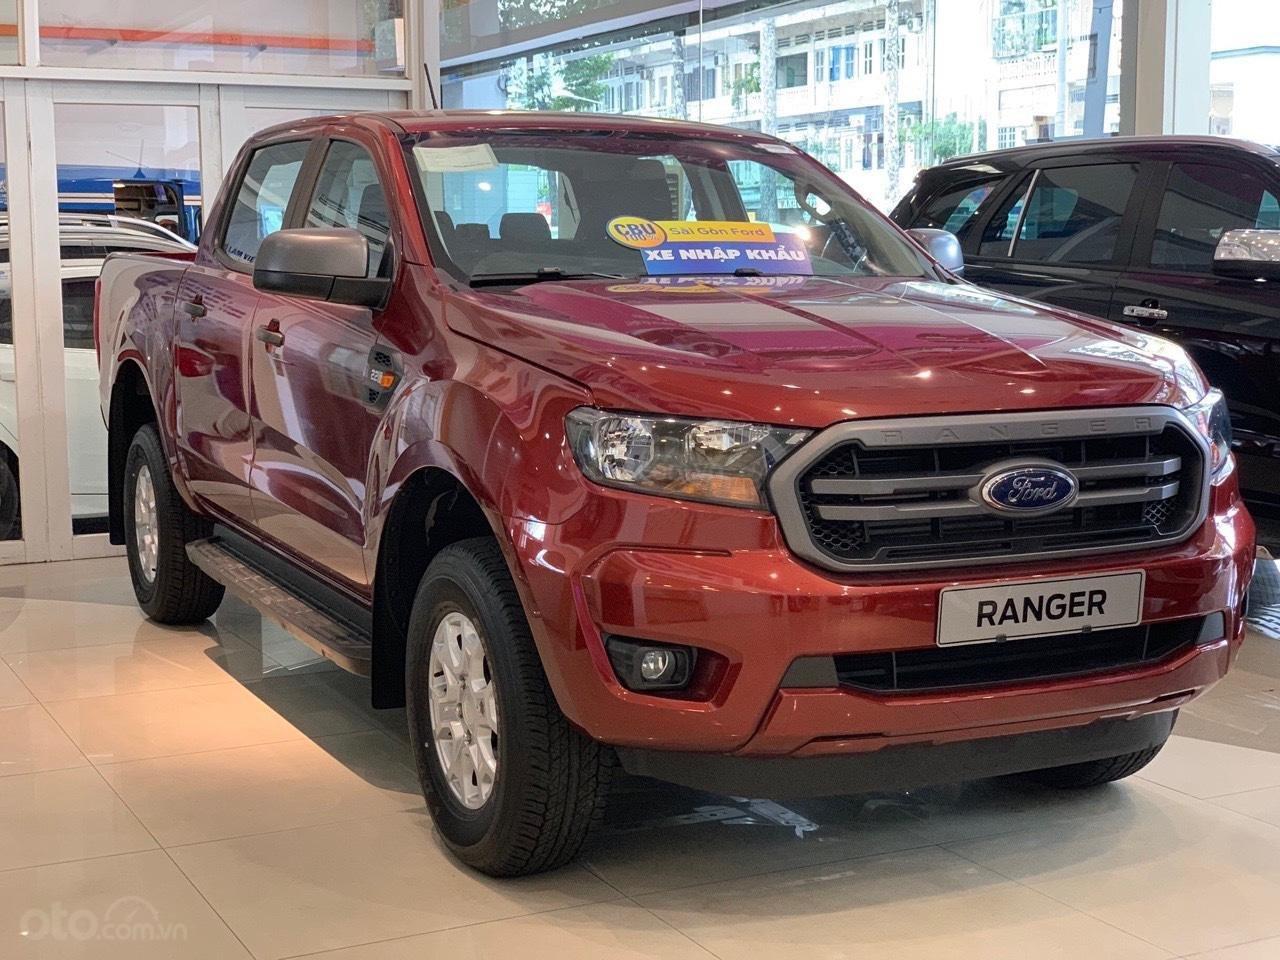 Ford Ranger XLS khuyến mãi lớn trong tháng và tặng phụ kiện (2)